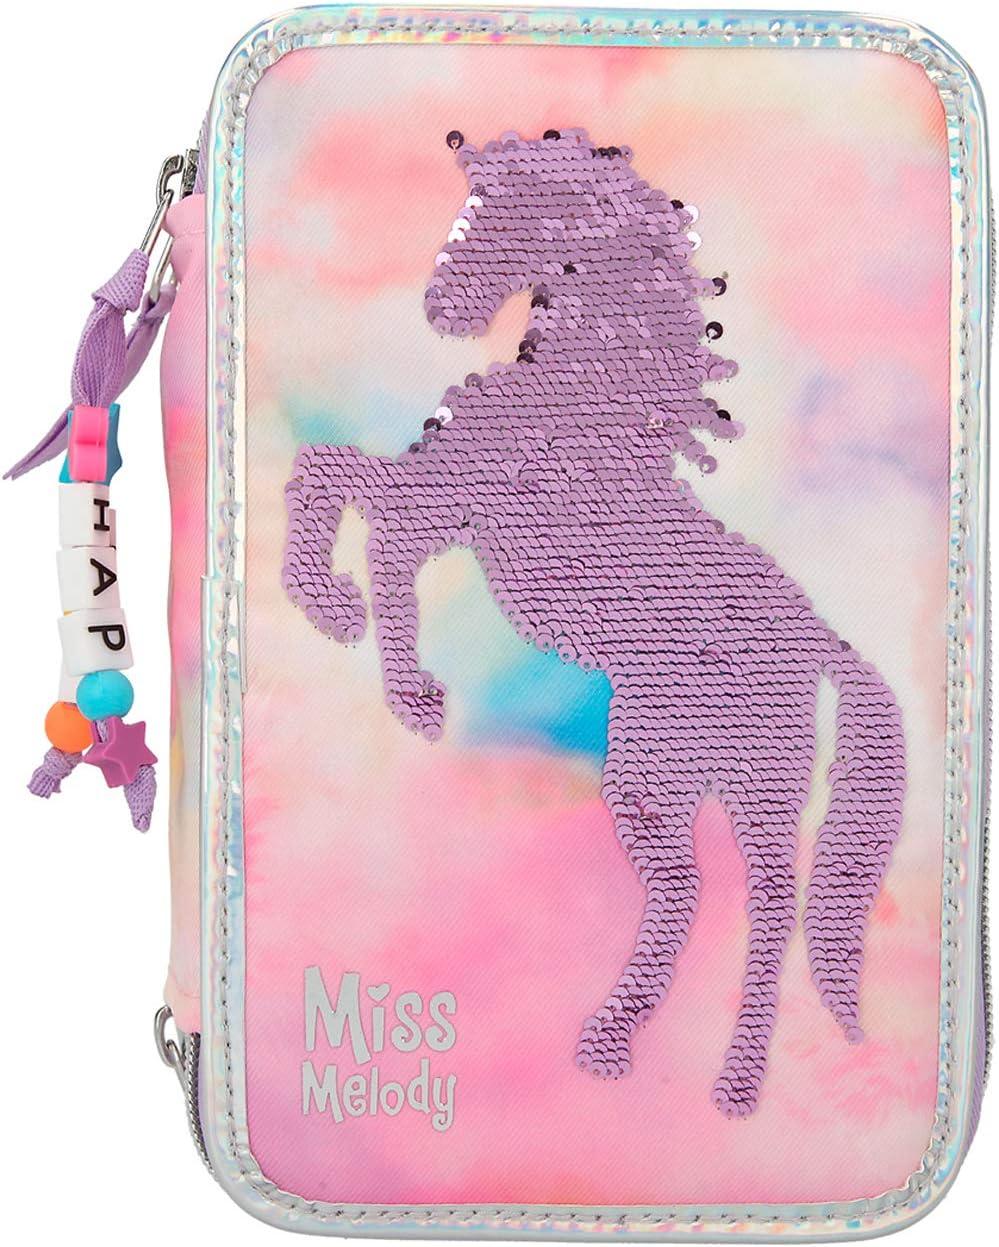 Depesche-DP-0011074 Estuche con 3 Cremalleras y lápices de Lyra, Miss Melody Batik, Rosa, Aprox. 7 x 13 x 20,5 cm Color (11074)